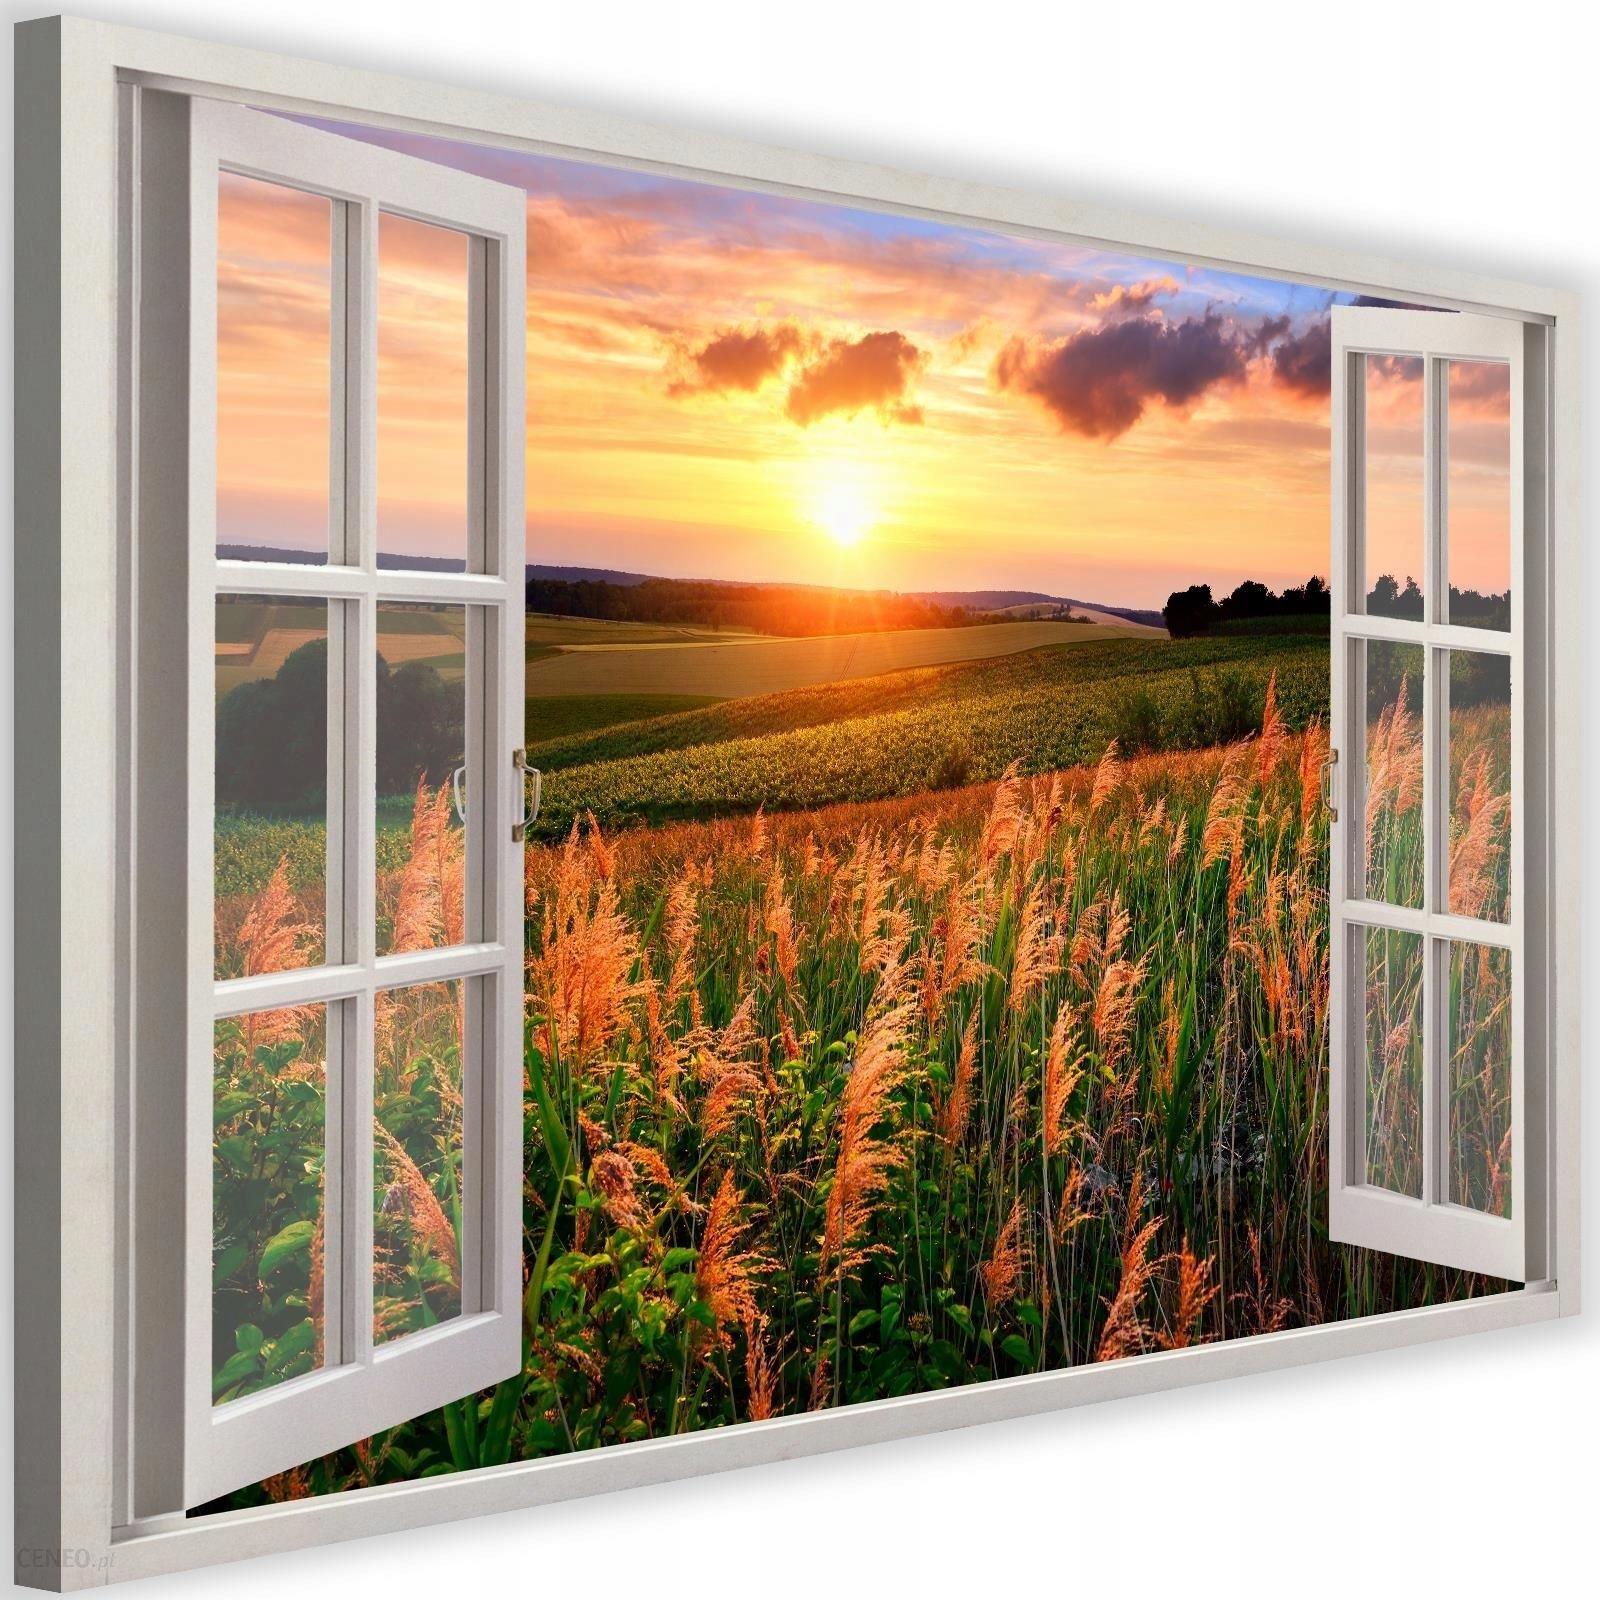 Картинка окно в поле